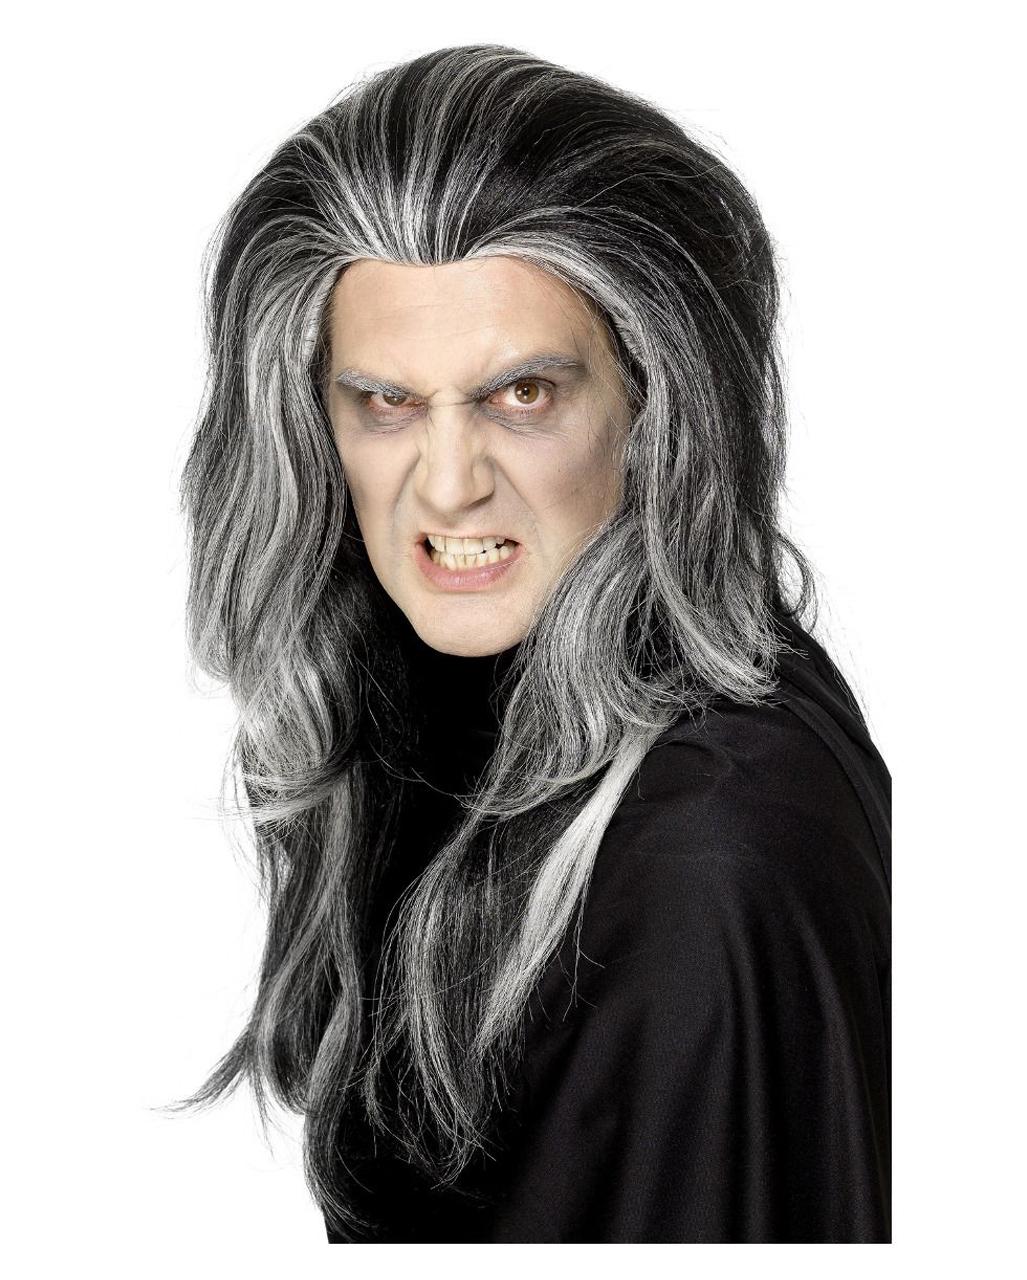 Boys Kids Dracula Vampire Wig Streaky Side Hair Halloween Fancy Dress Costume